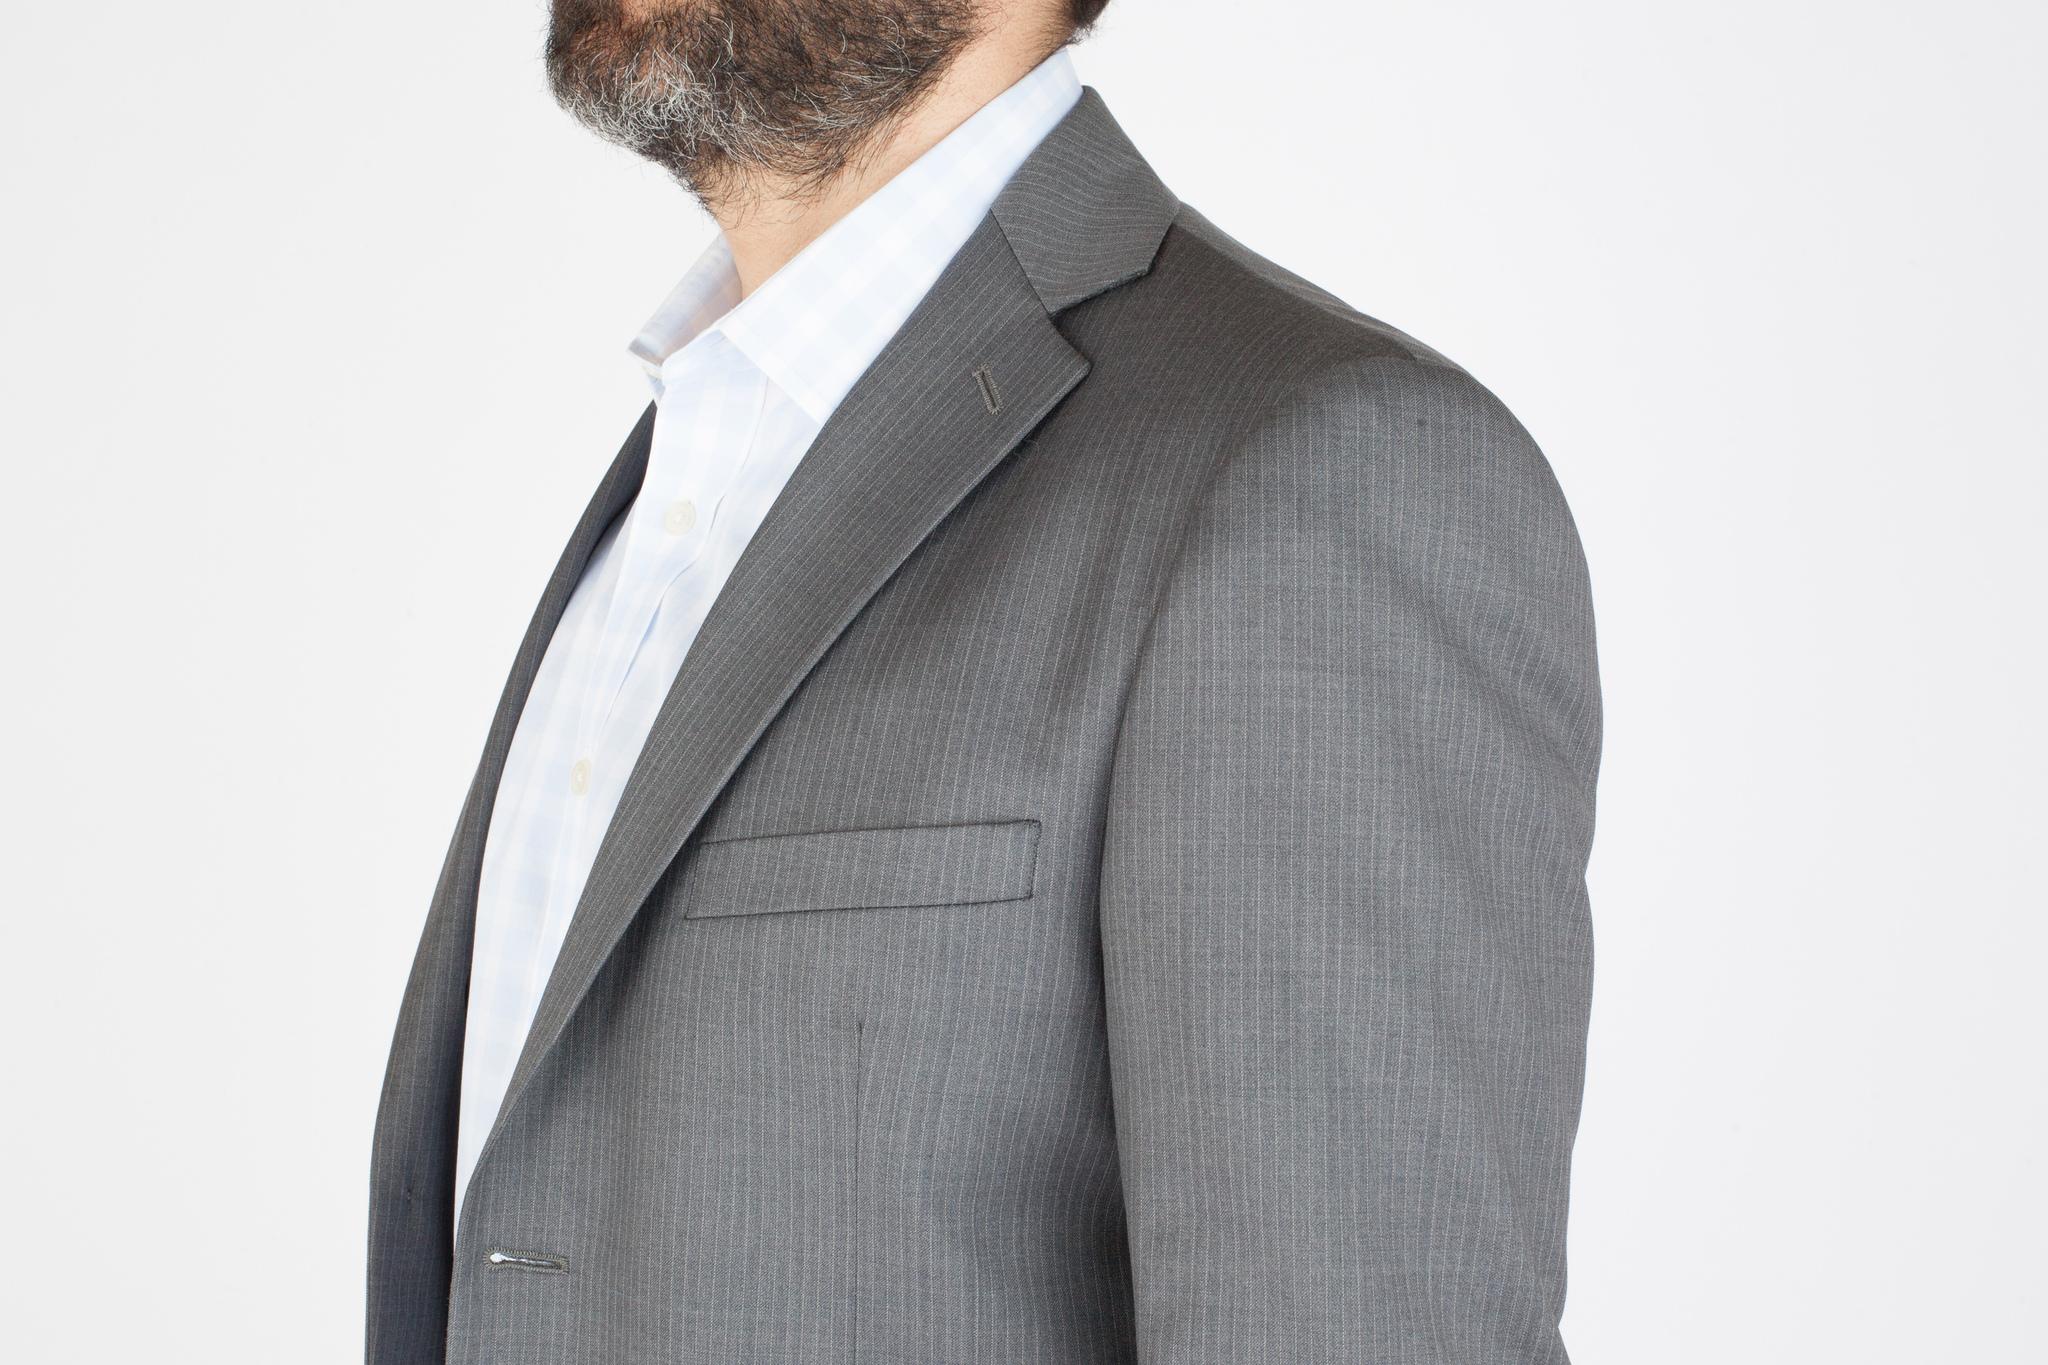 Светло-серый костюм в тонкую частую белую полоску из 100%-ной шерсти, нагрудный карман